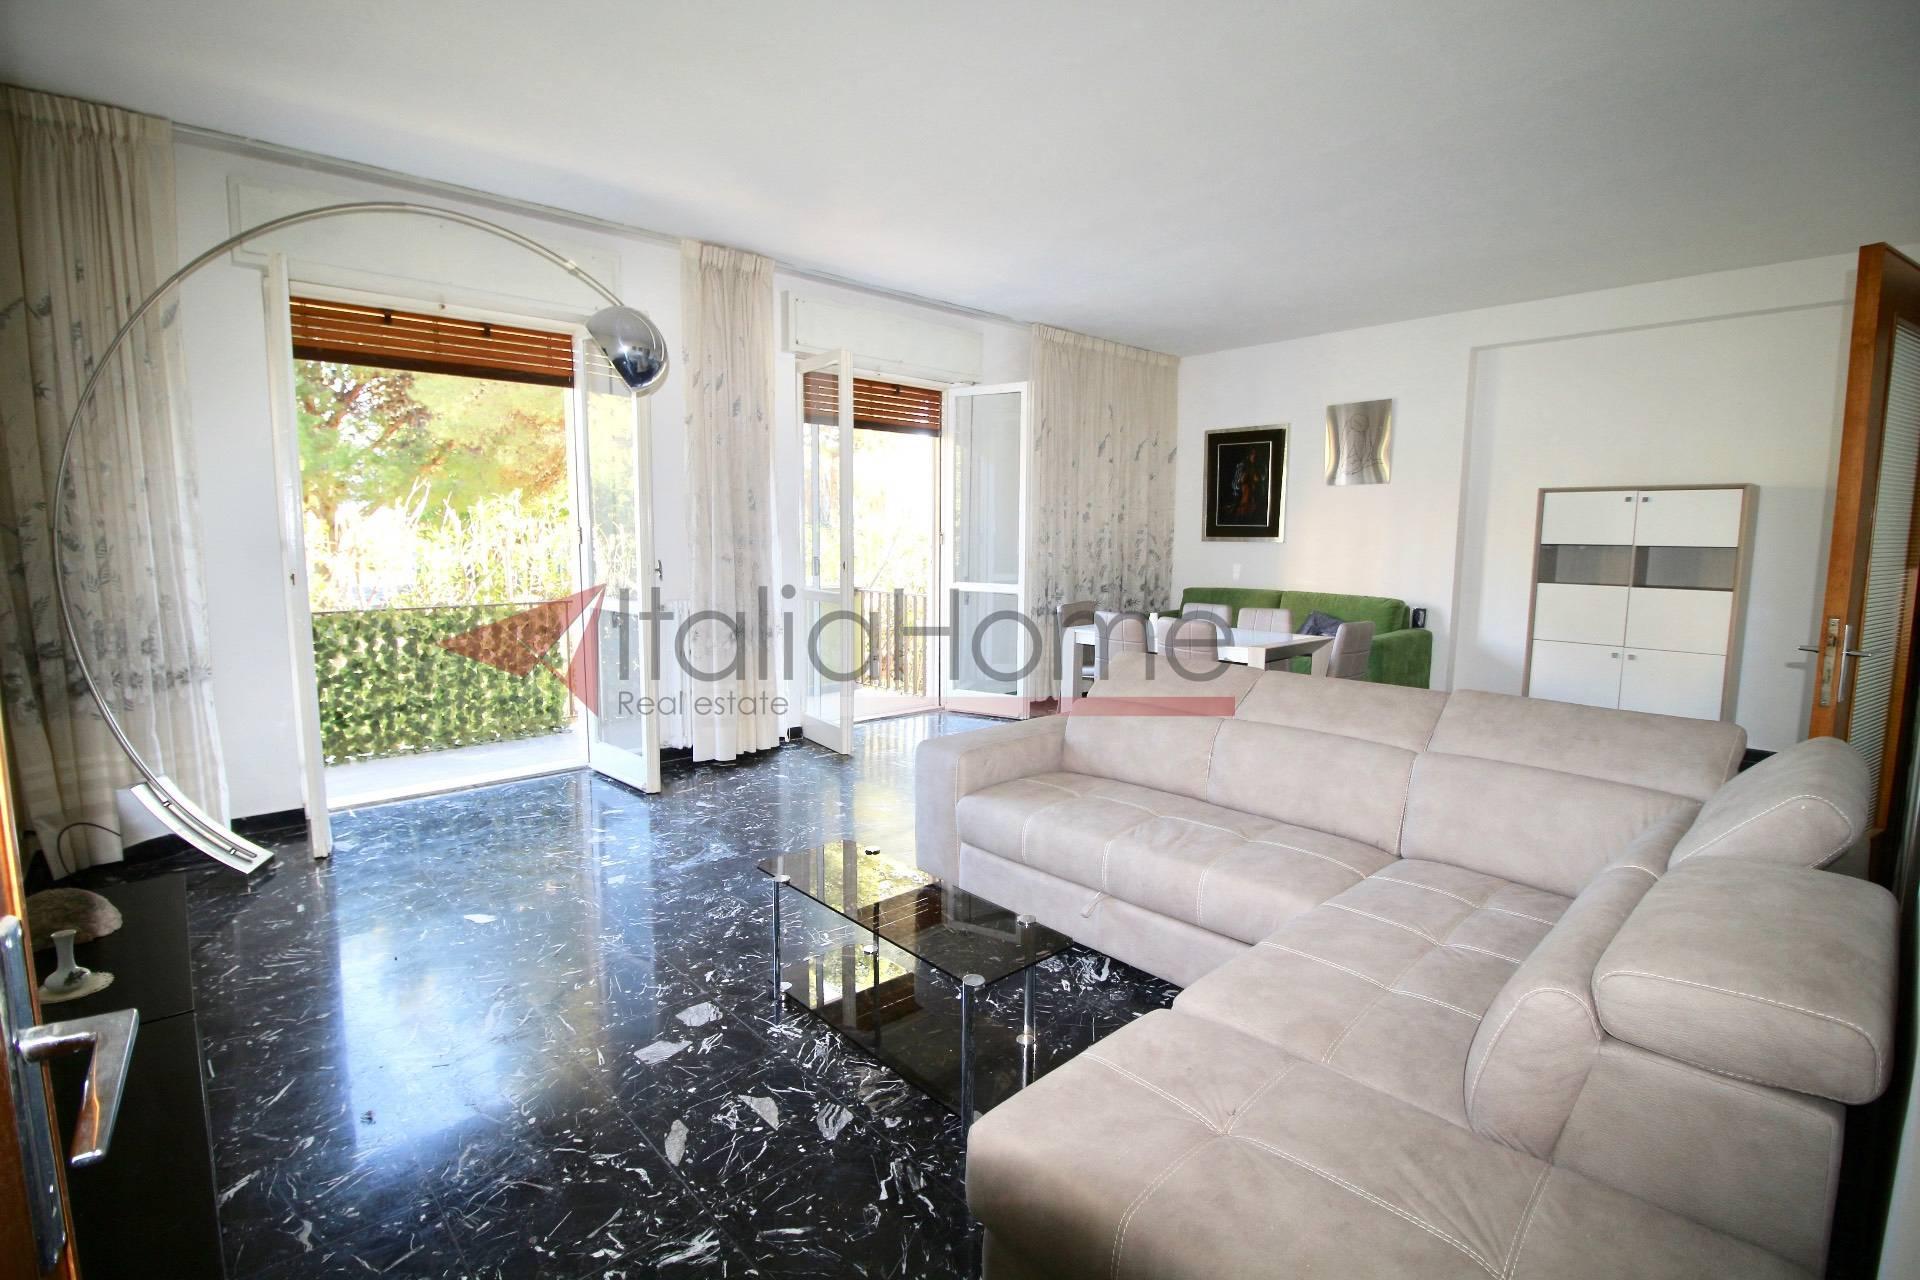 Appartamento, 170 Mq, Vendita - Cagliari (Cagliari)